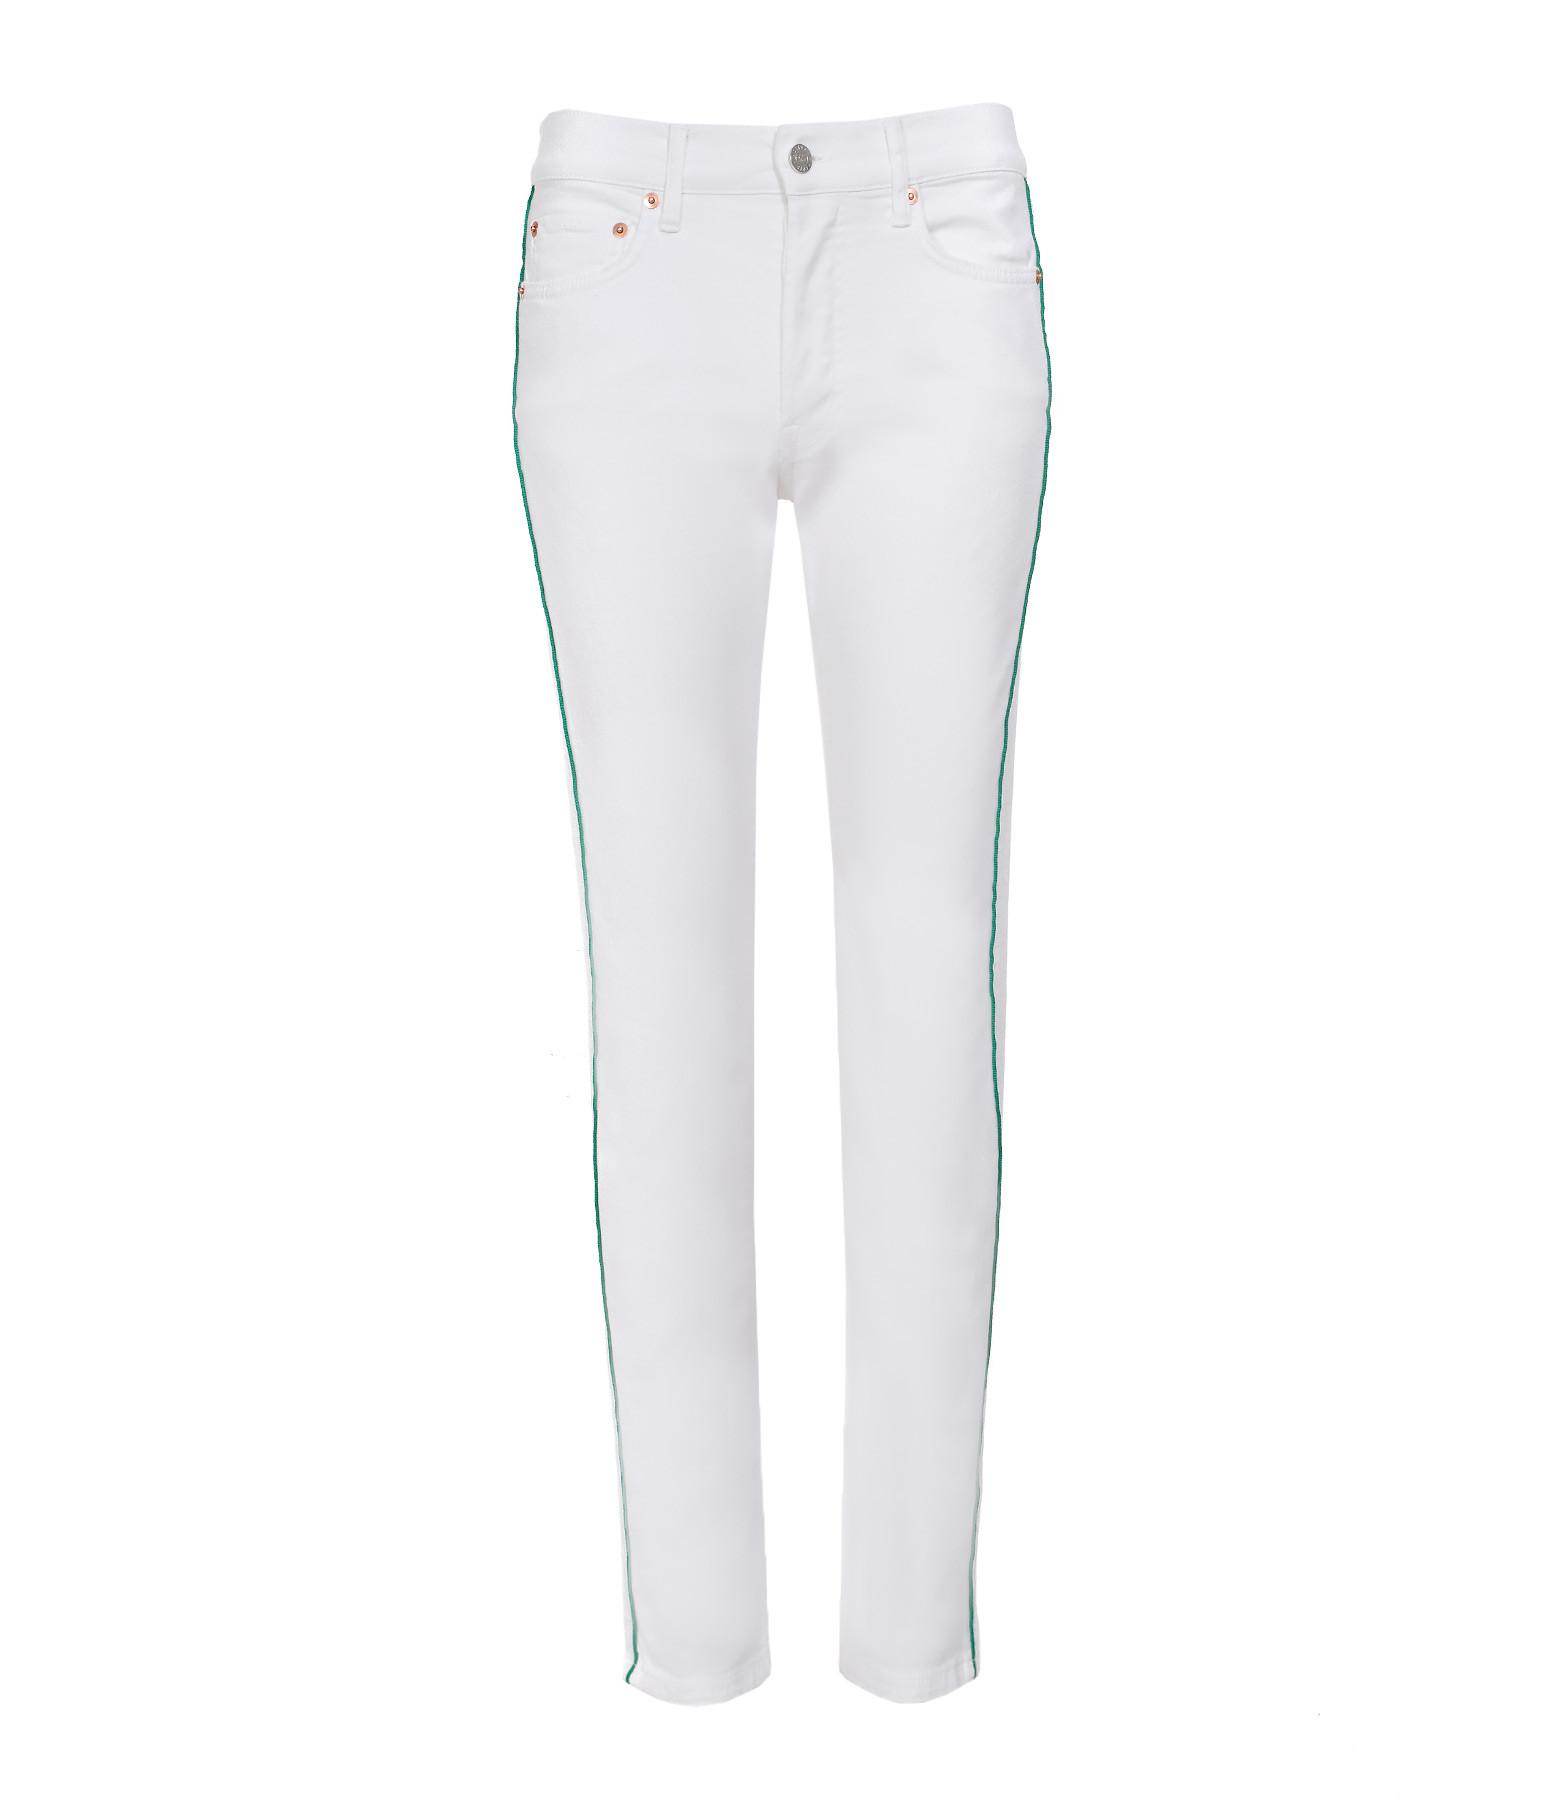 HOLIDAY - Pantalon Camarguais Serge Blanc Vert